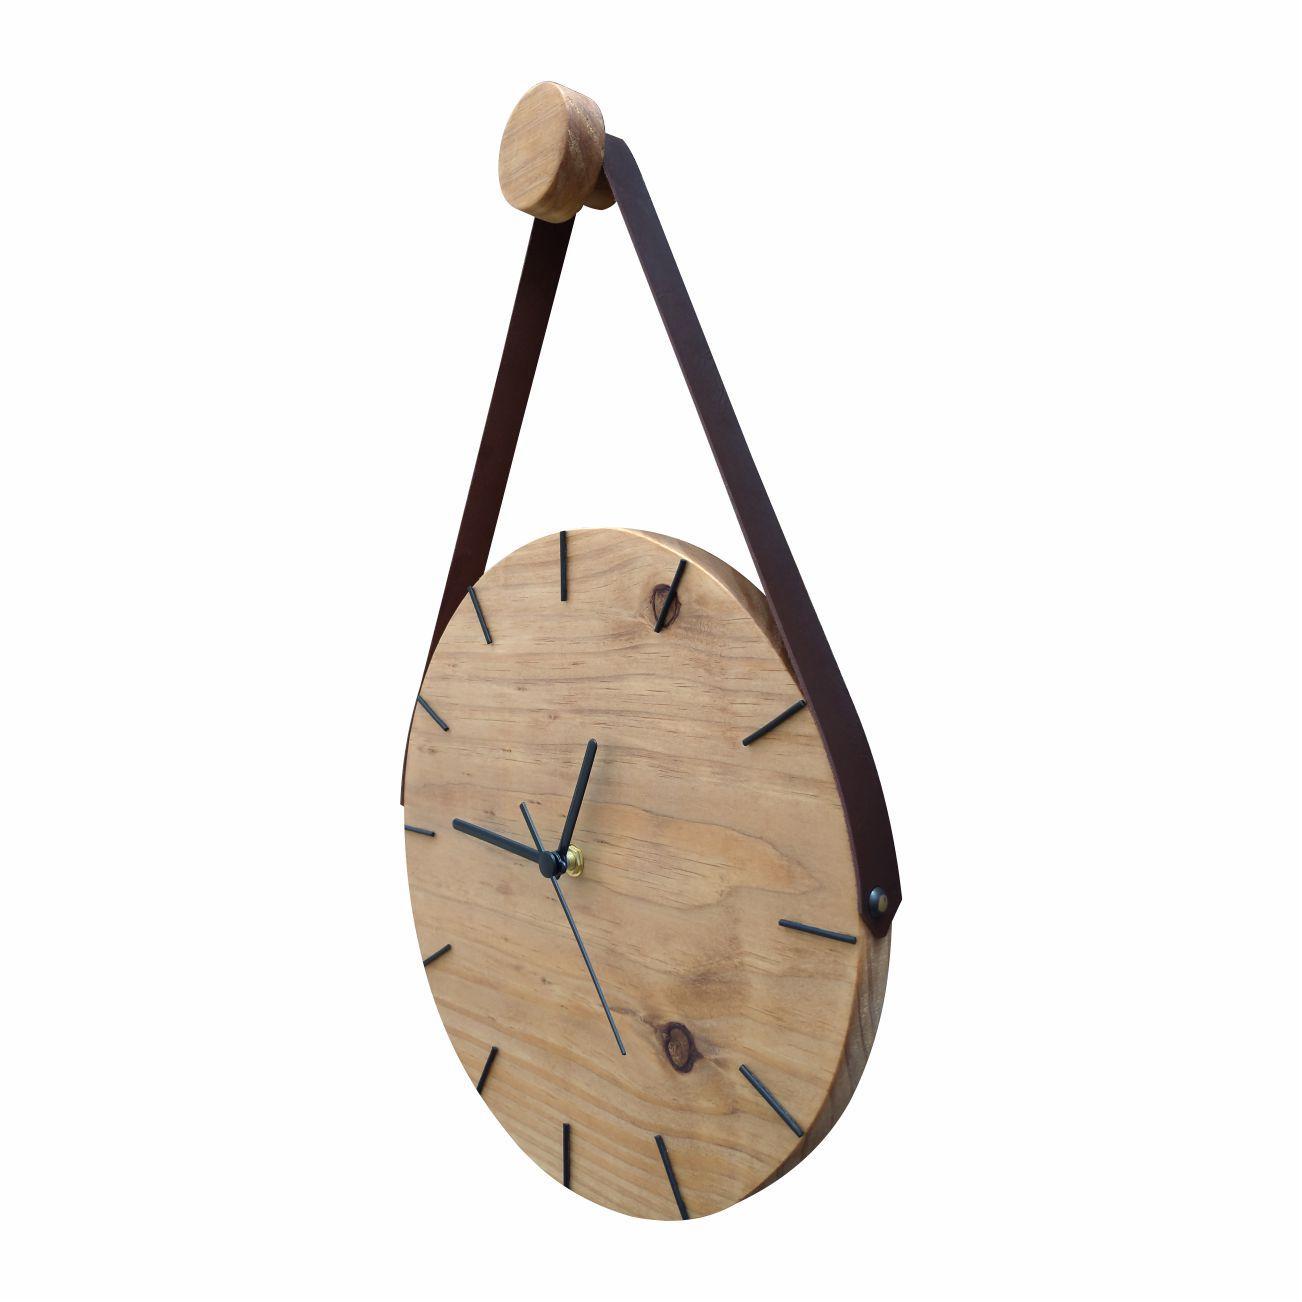 Relógio Minimalista de Madeira Rústico Imbuia com Alça